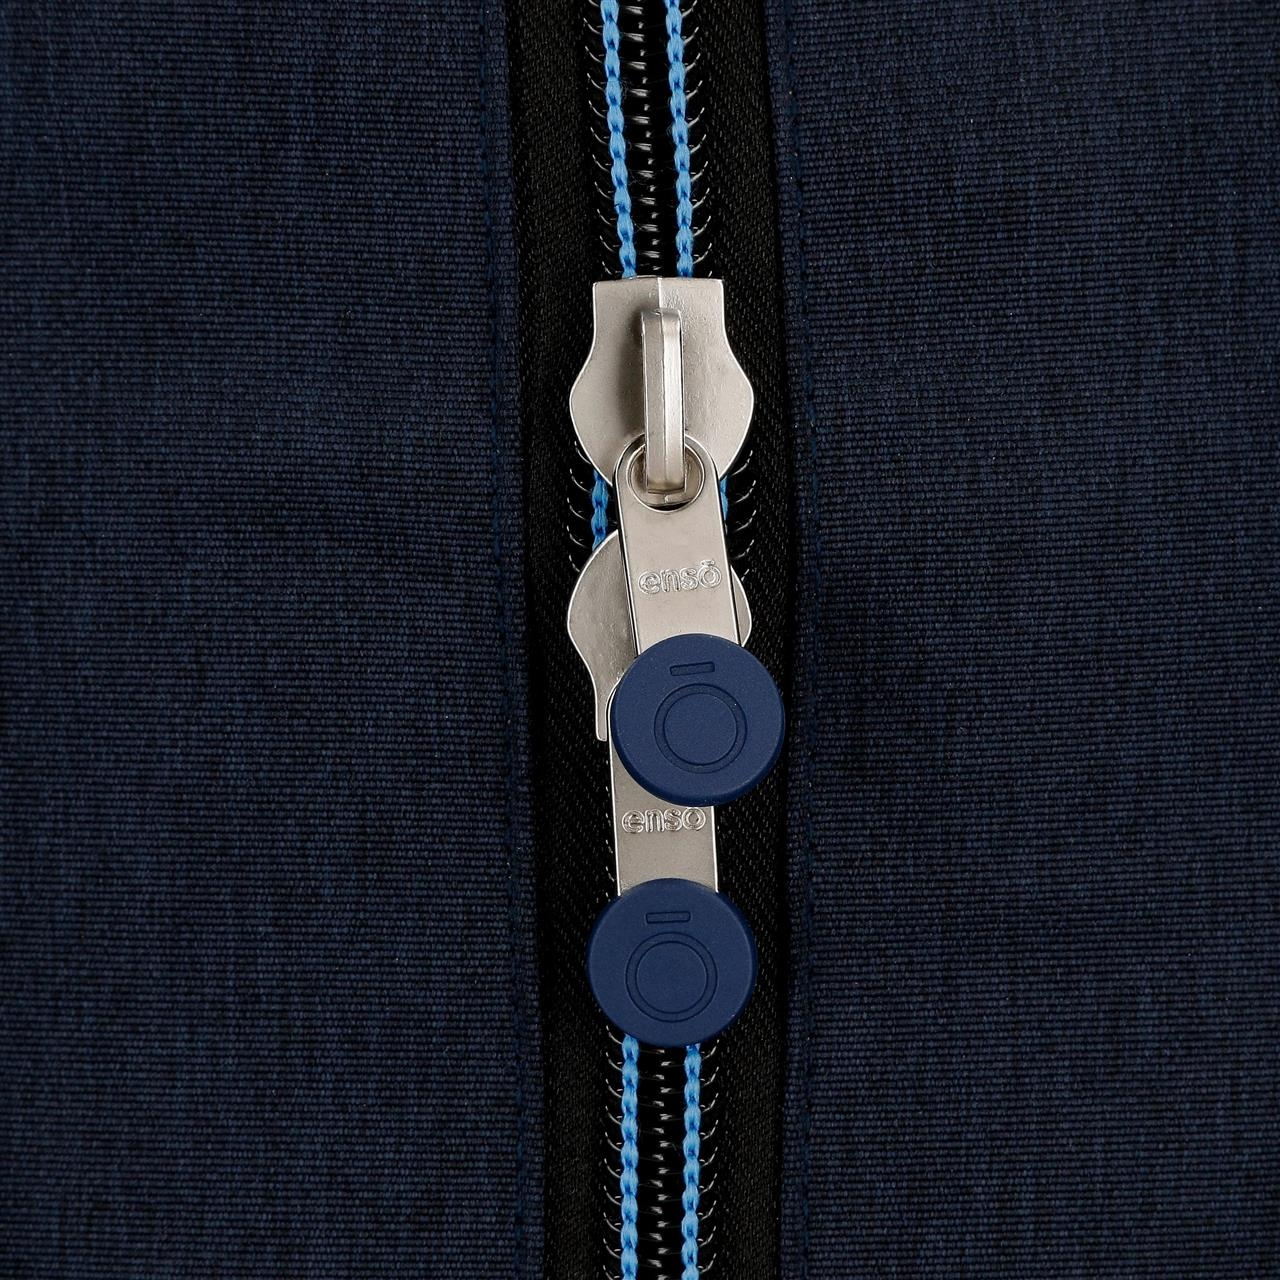 Mochila Doble Compartimento con Carro Enso Blue